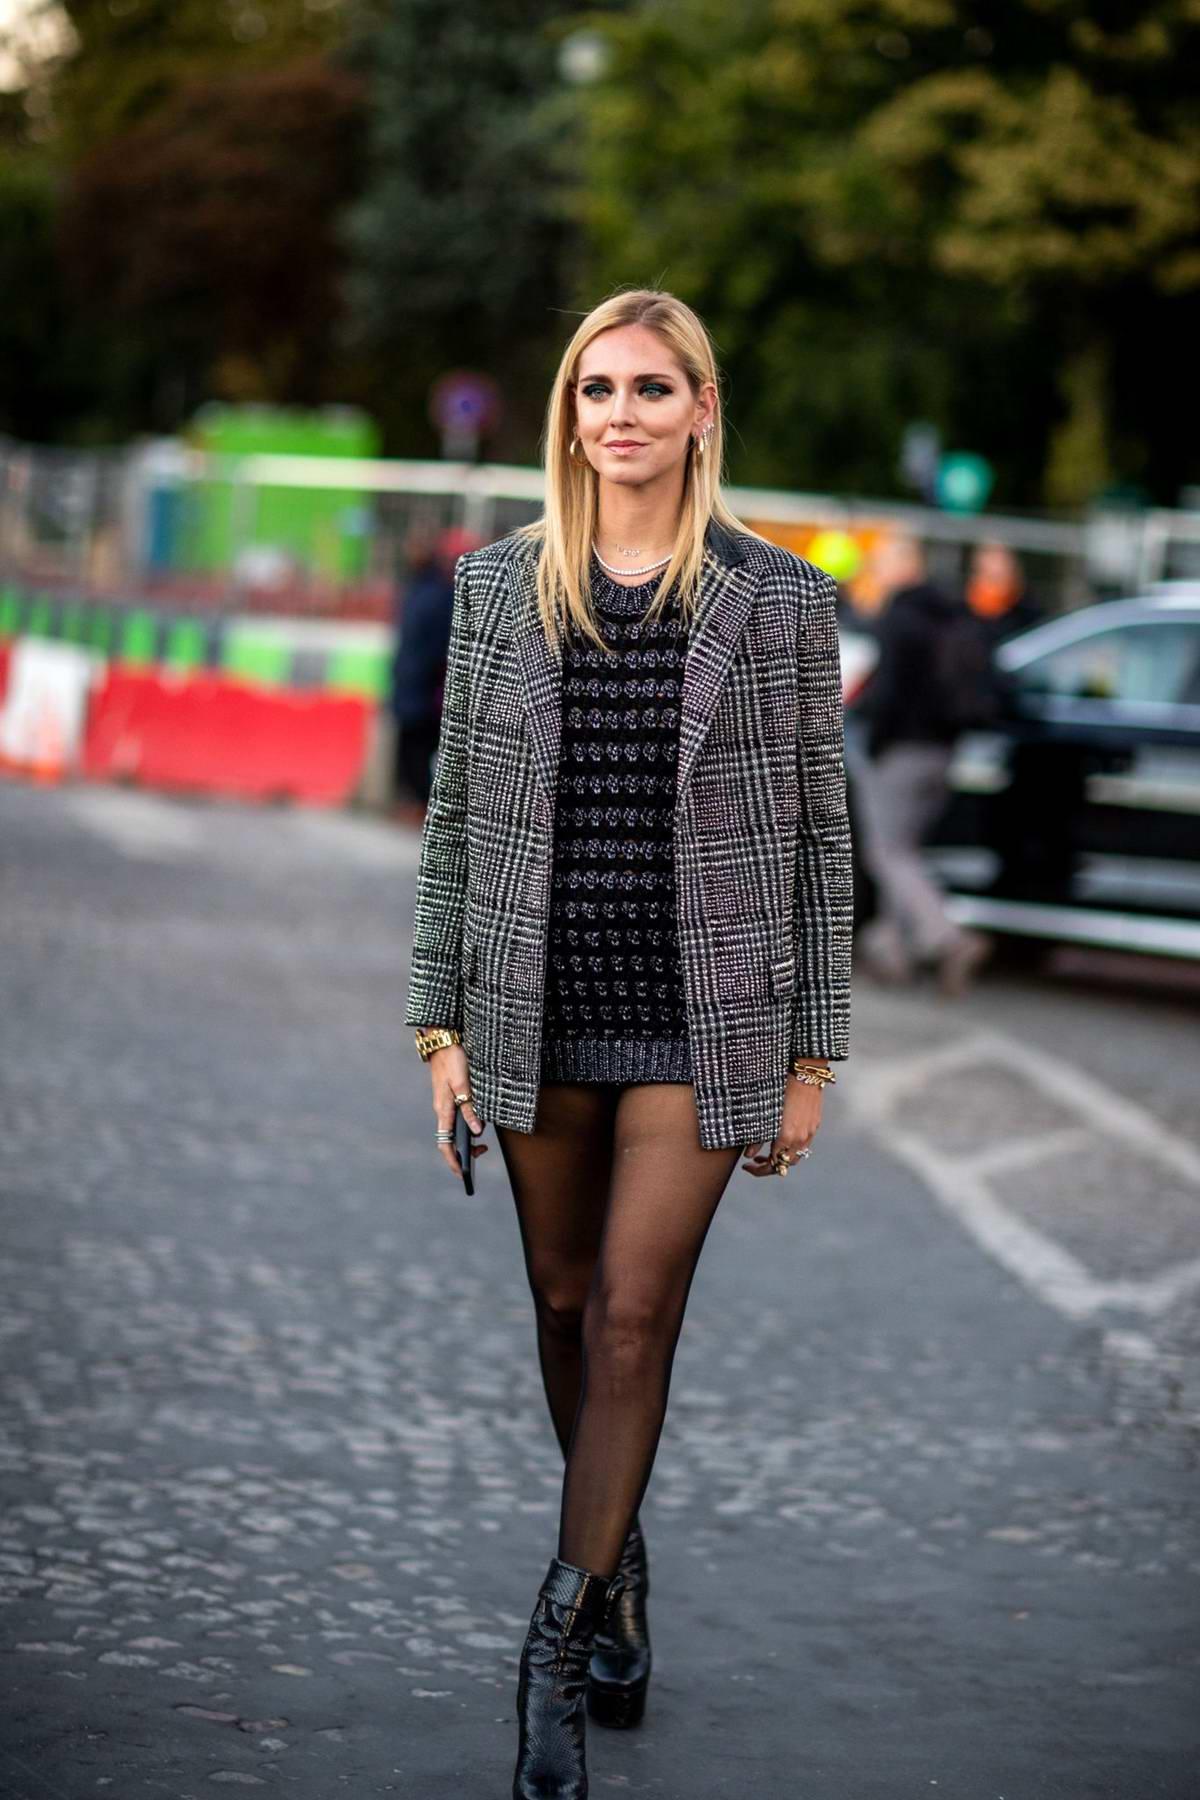 Chiara Ferragni attending Saint Laurent Show during Paris Fashion Week in Paris, France